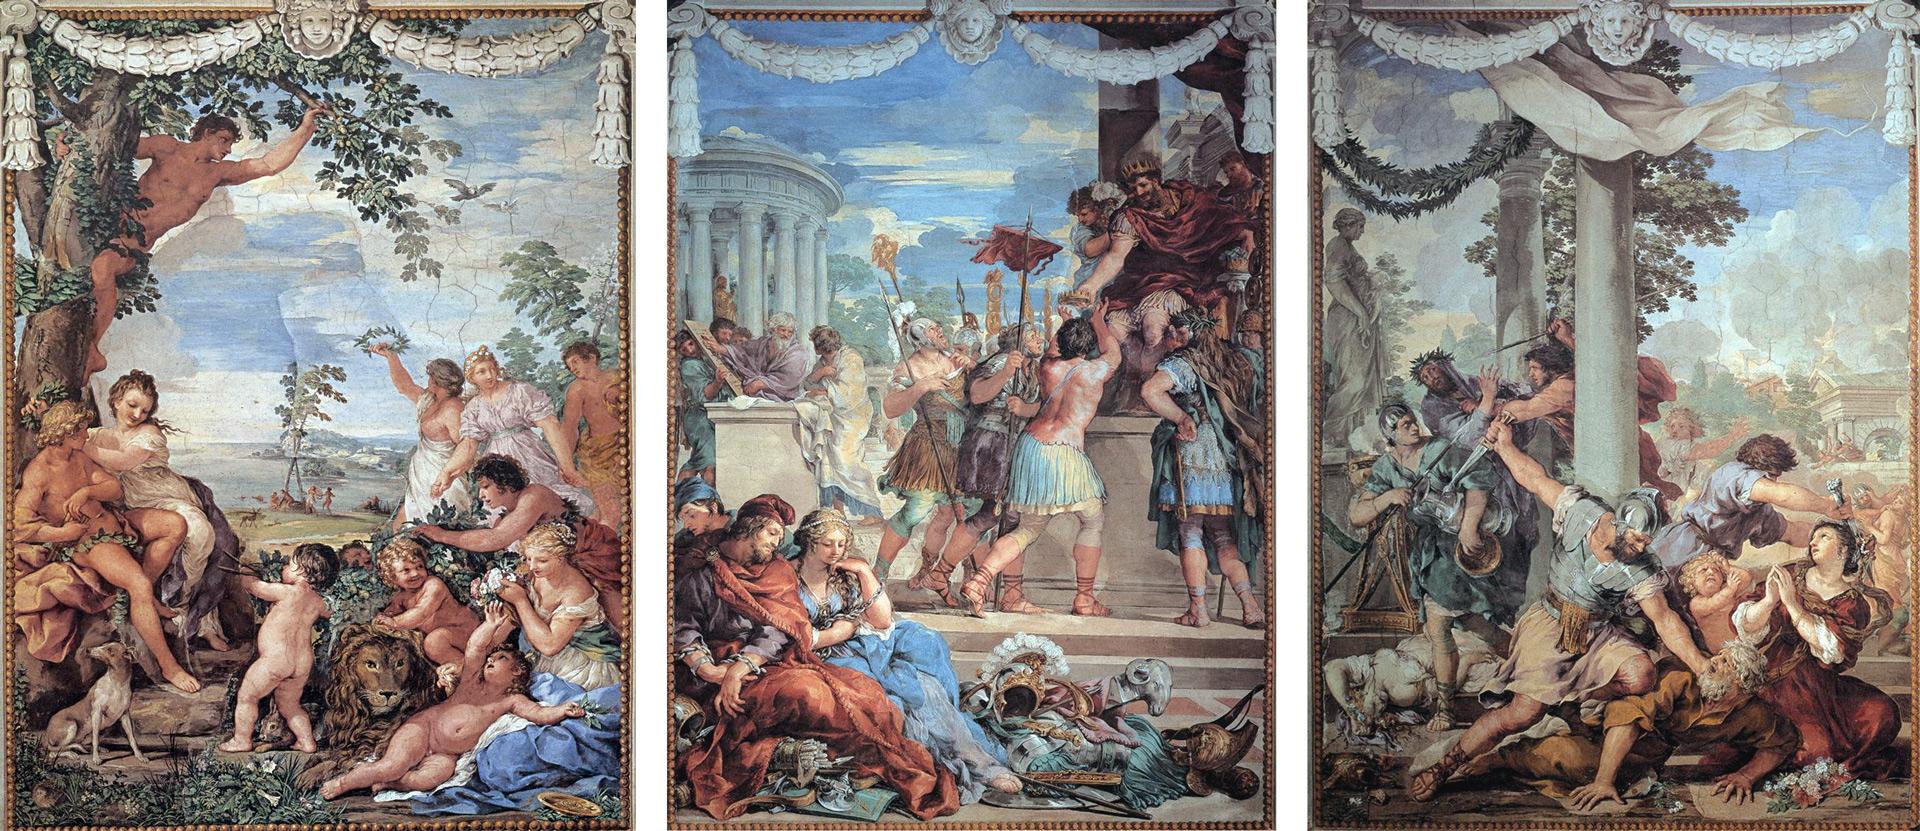 Das Goldene Zeitalter, Das Bronzene Zeitalter, Das Eiserne Zeitalter. Bilderzyklus zu Ovids Metamorphosen von Pietro da Cortona (1637)